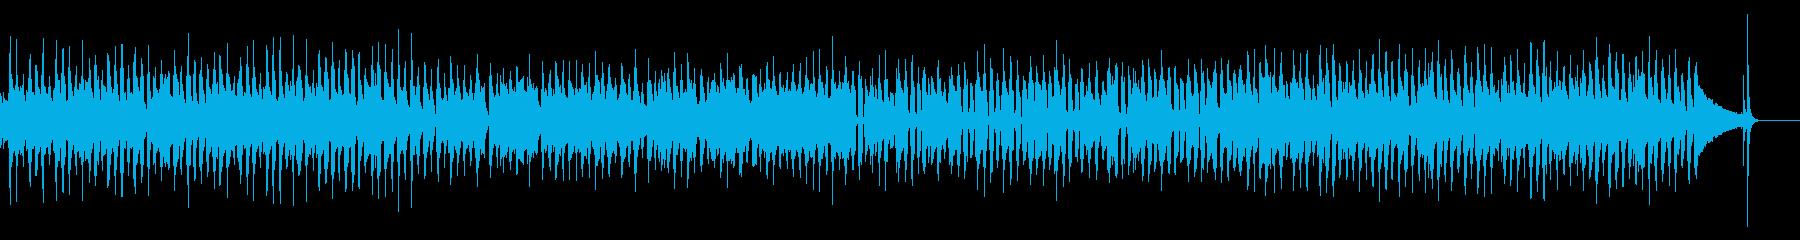 【生音】クリーンギターのロックインストの再生済みの波形